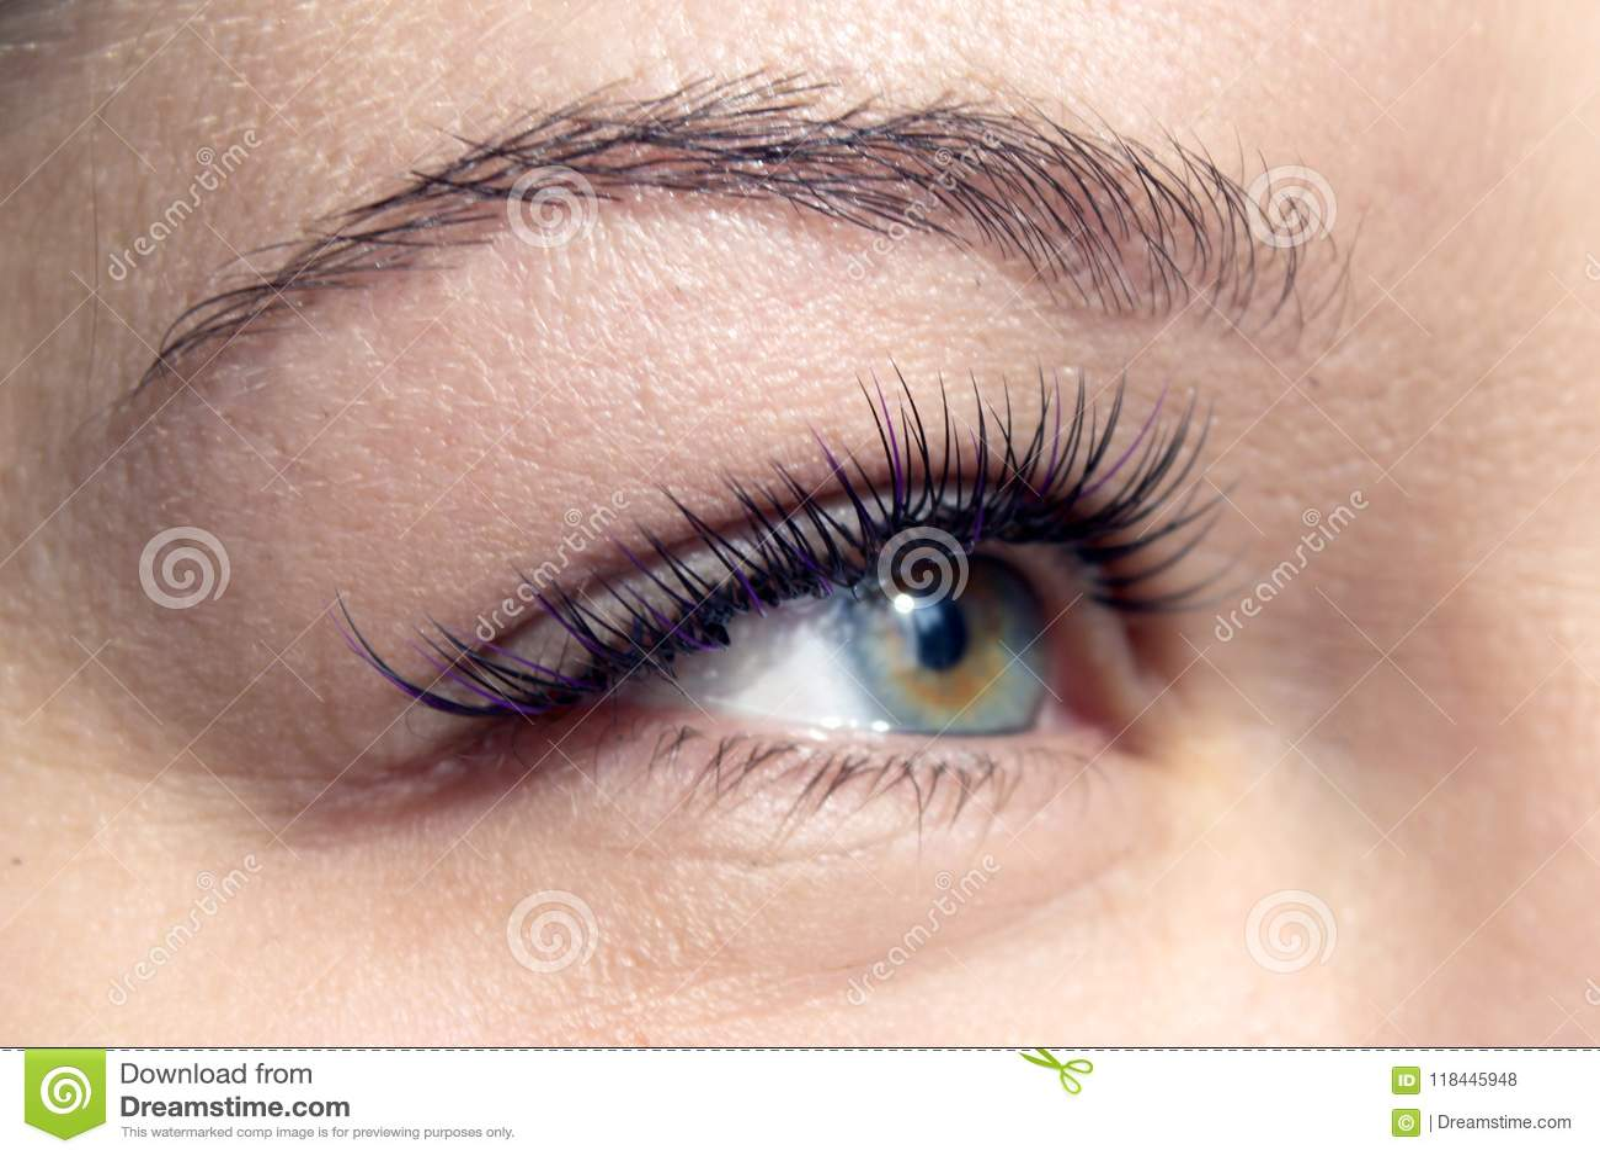 Macroschot van vrouwelijk oog met extreme lange wimpers